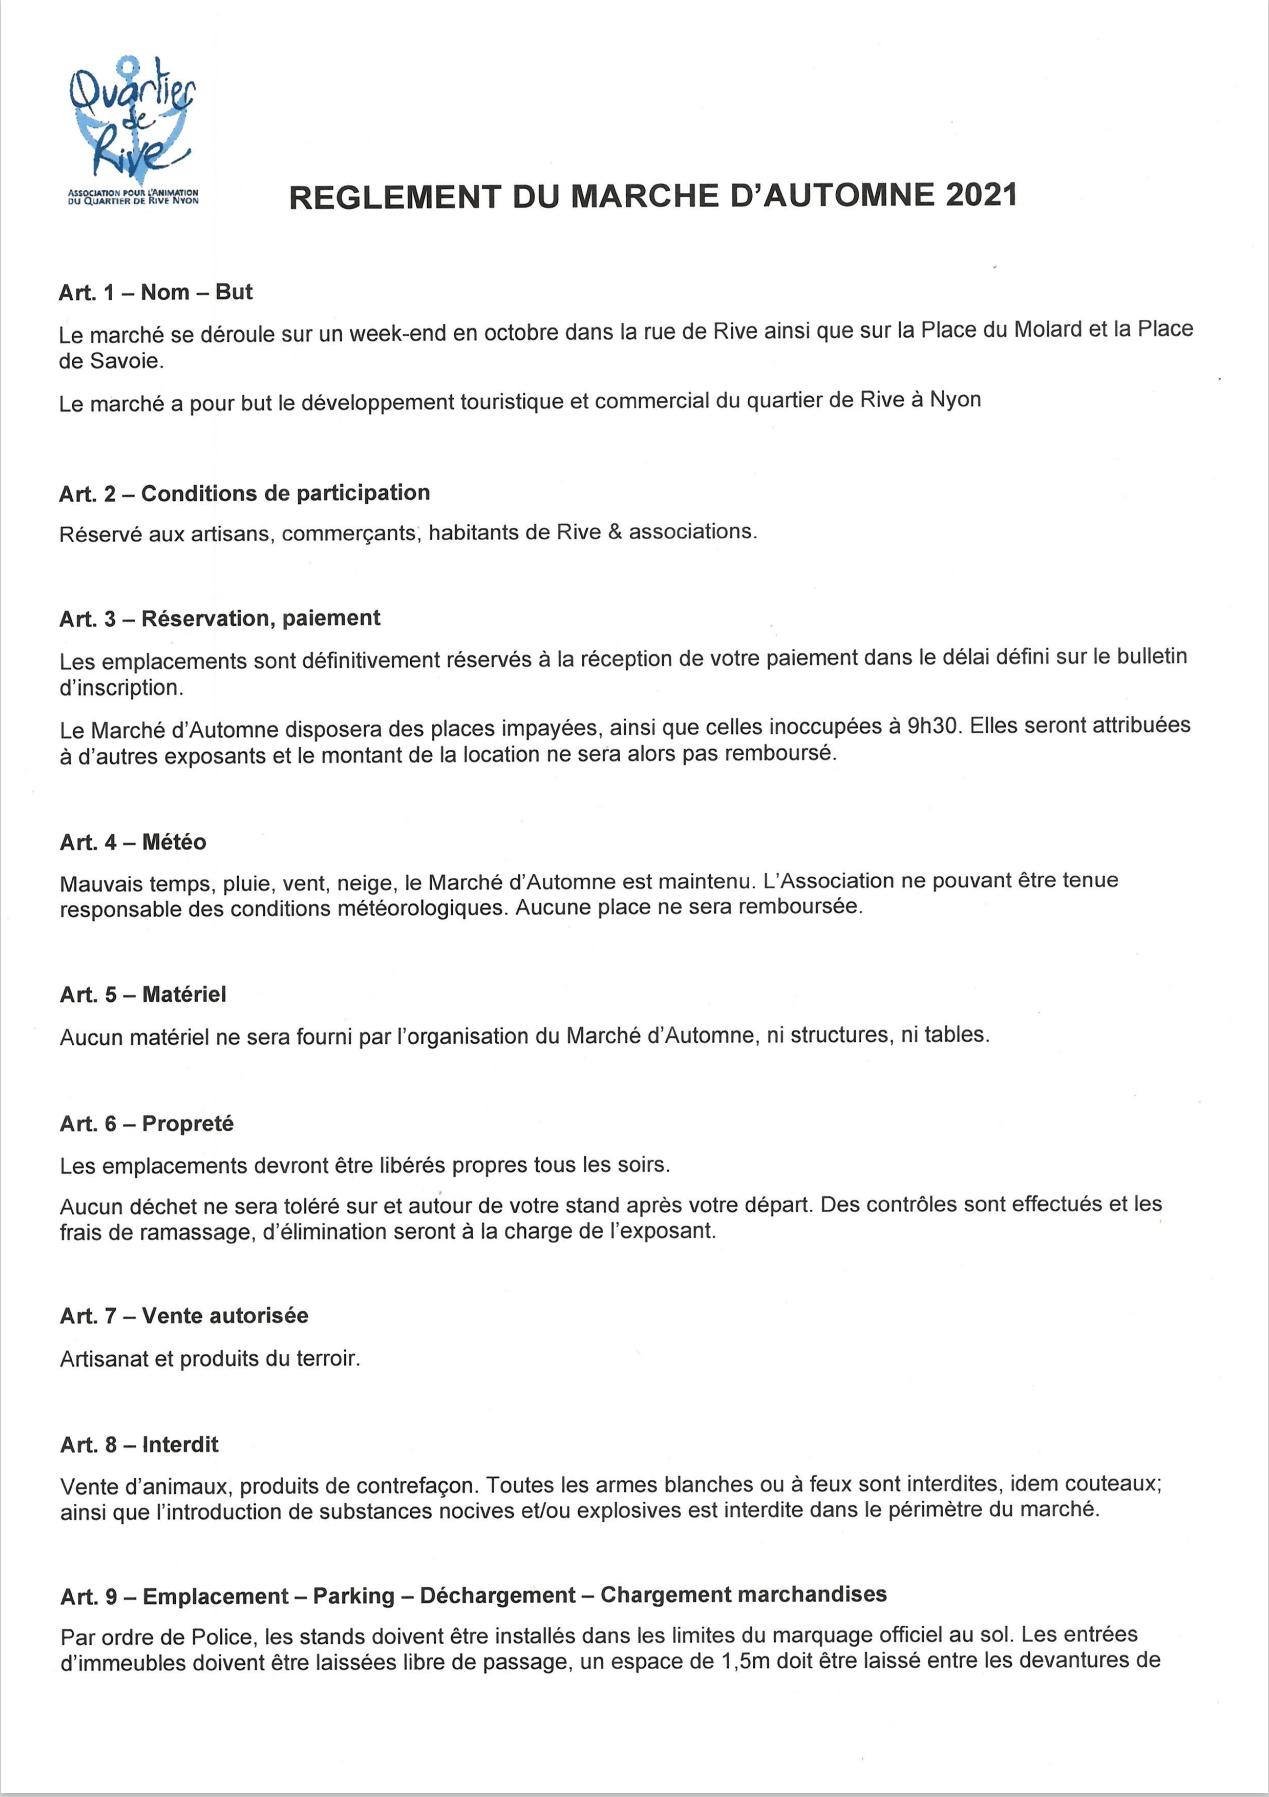 REGLEMENT DU MARCHE D'AUTOMNE 2021 avec signature 1